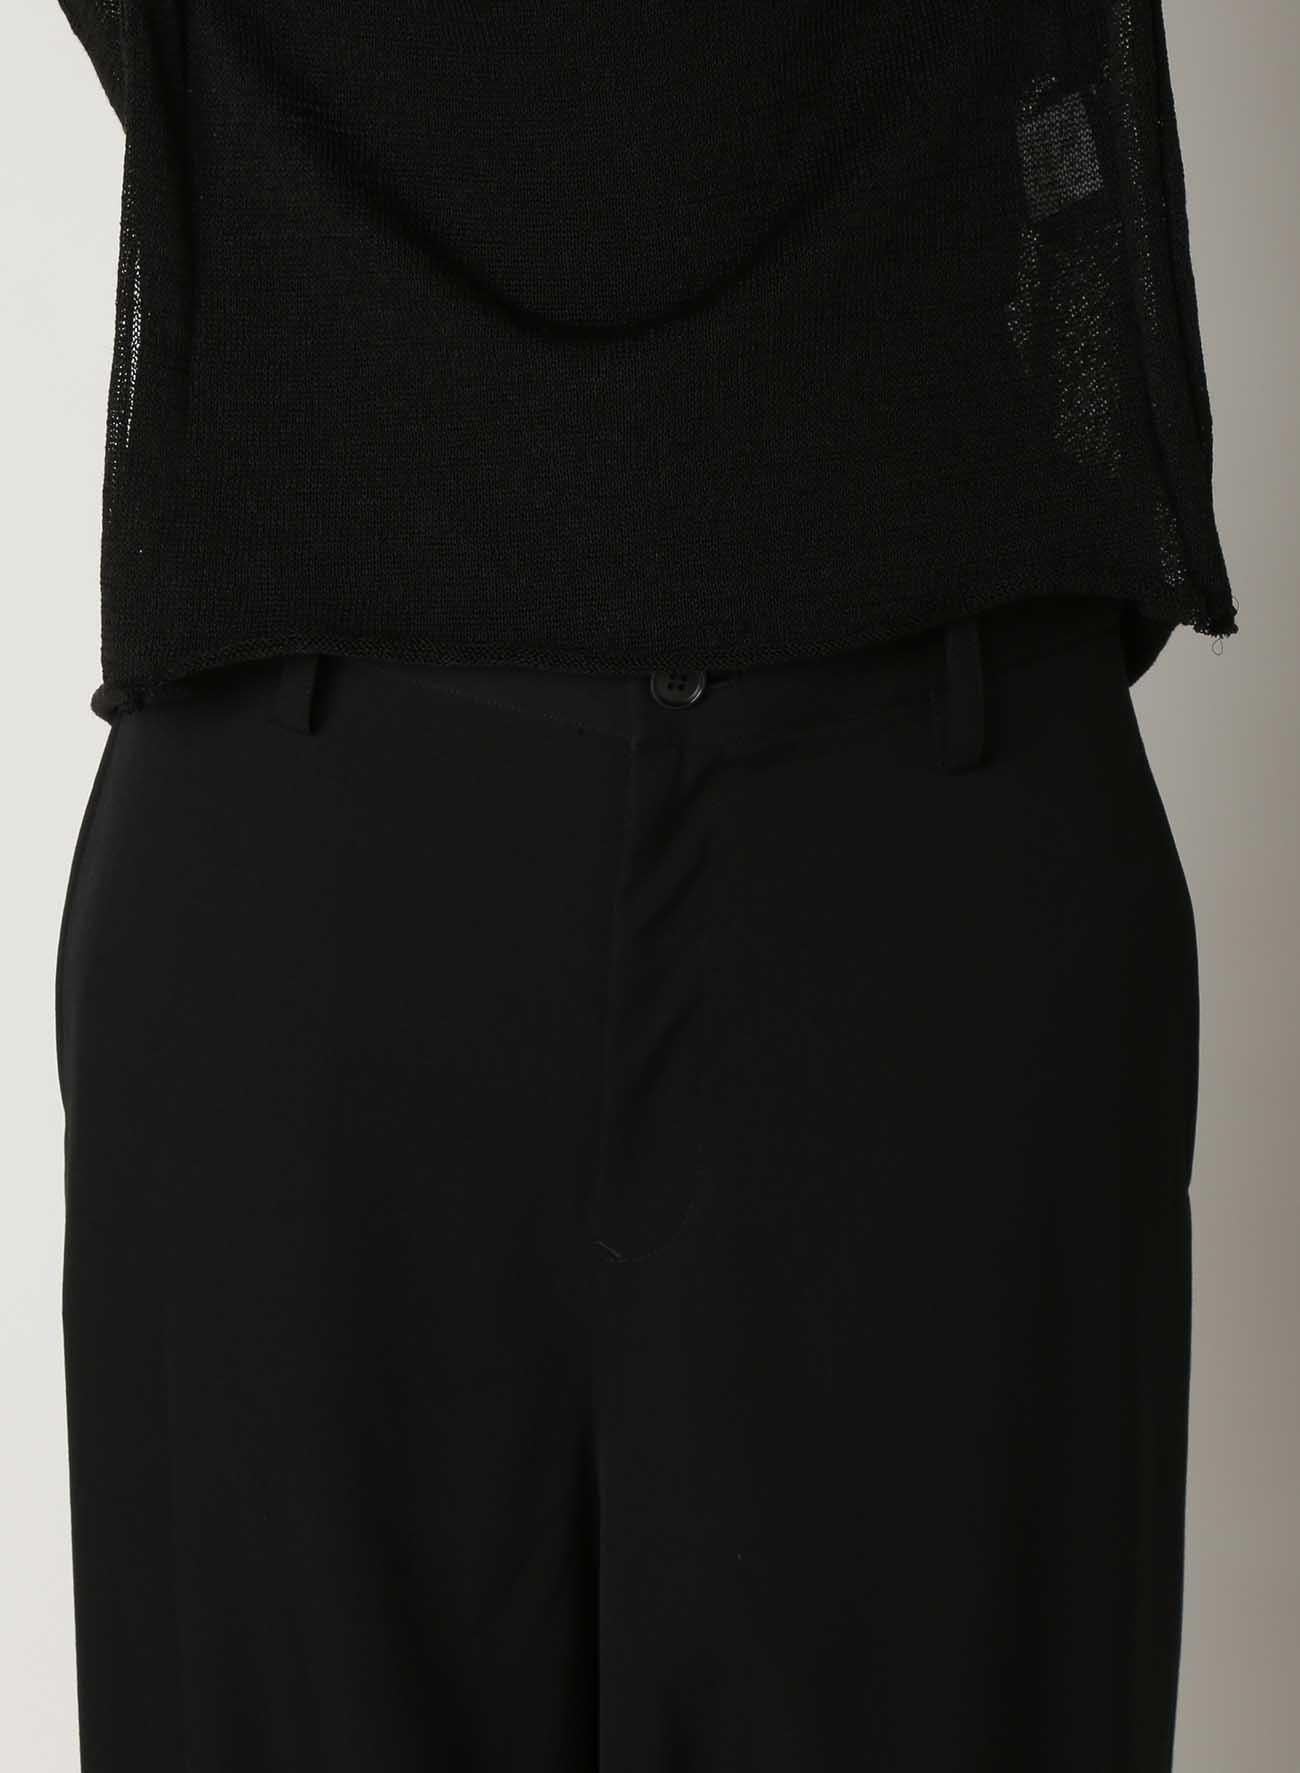 Li/Pe Knitted Plain Stitch High Neck T